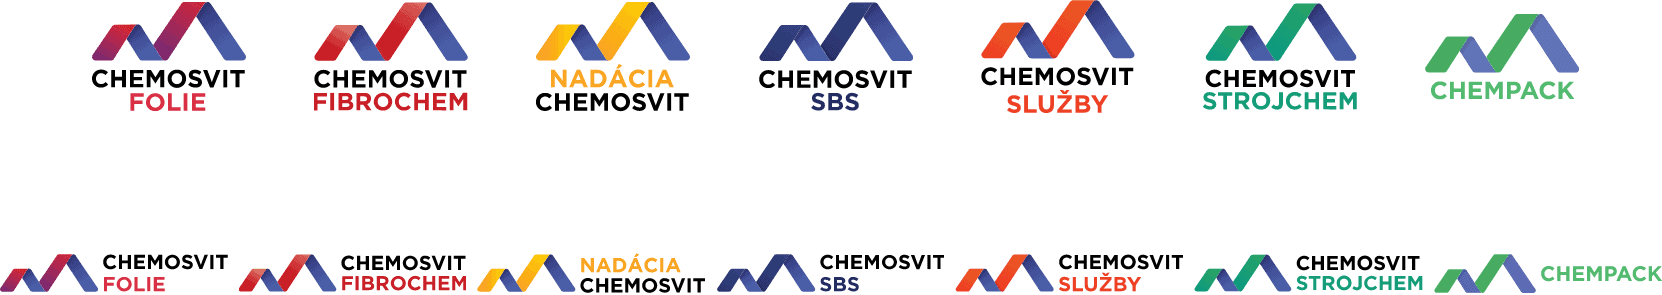 YNK media - Prípadové štúdie - Chemosvit - Logá